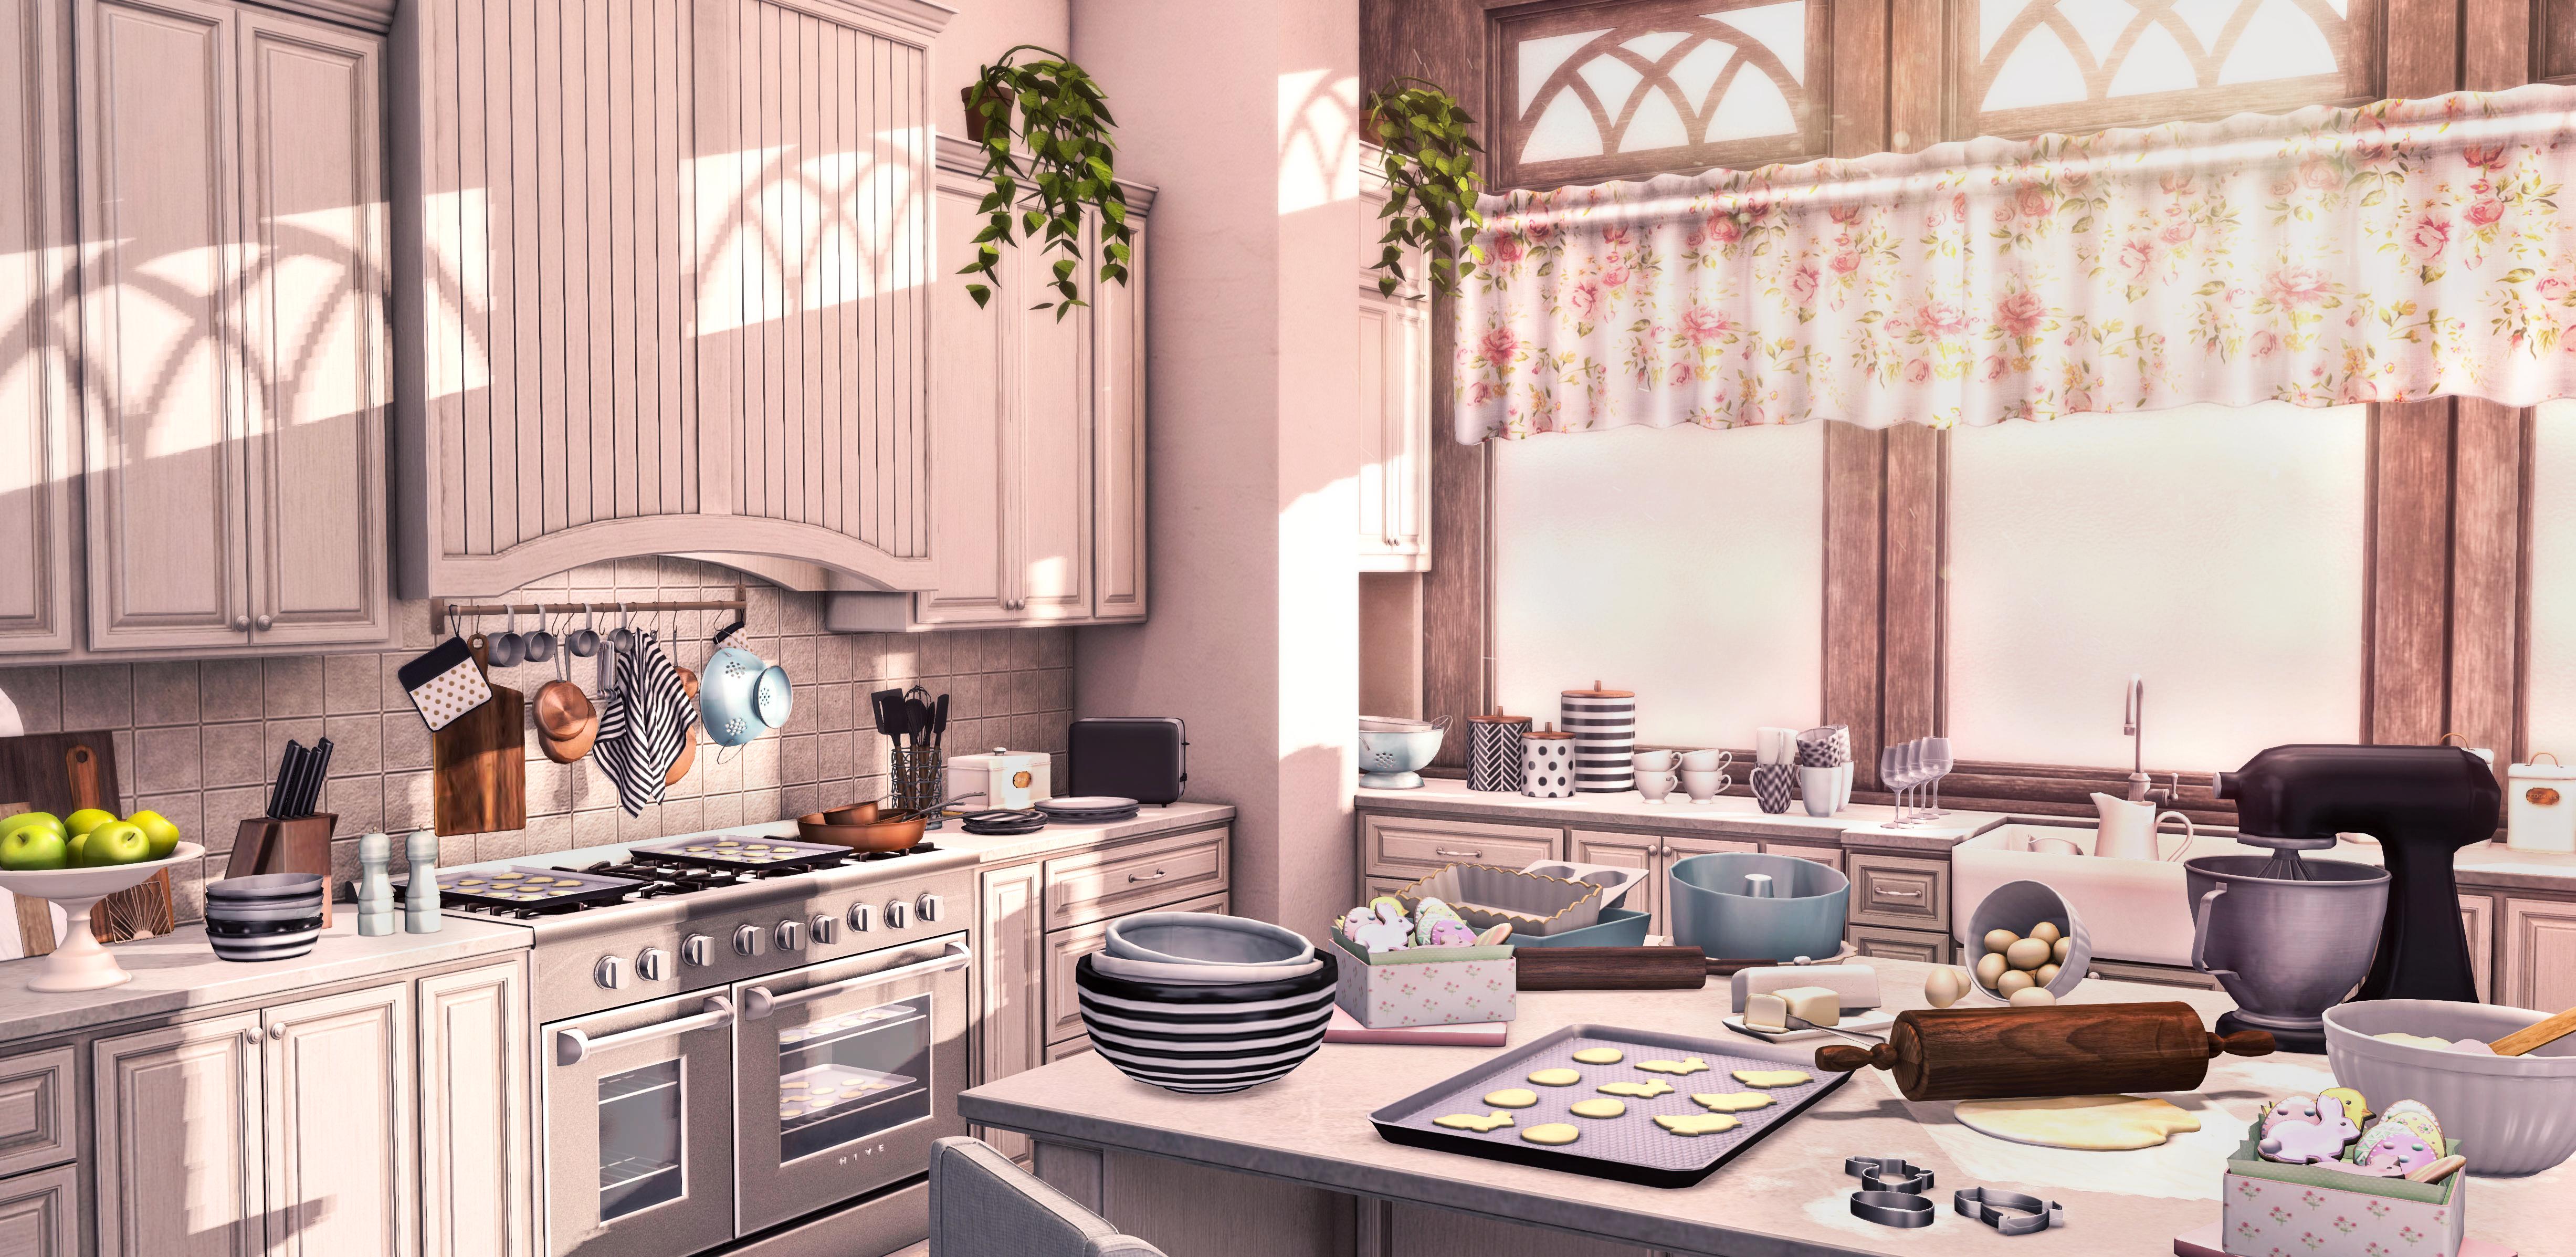 Spring Kitchen.